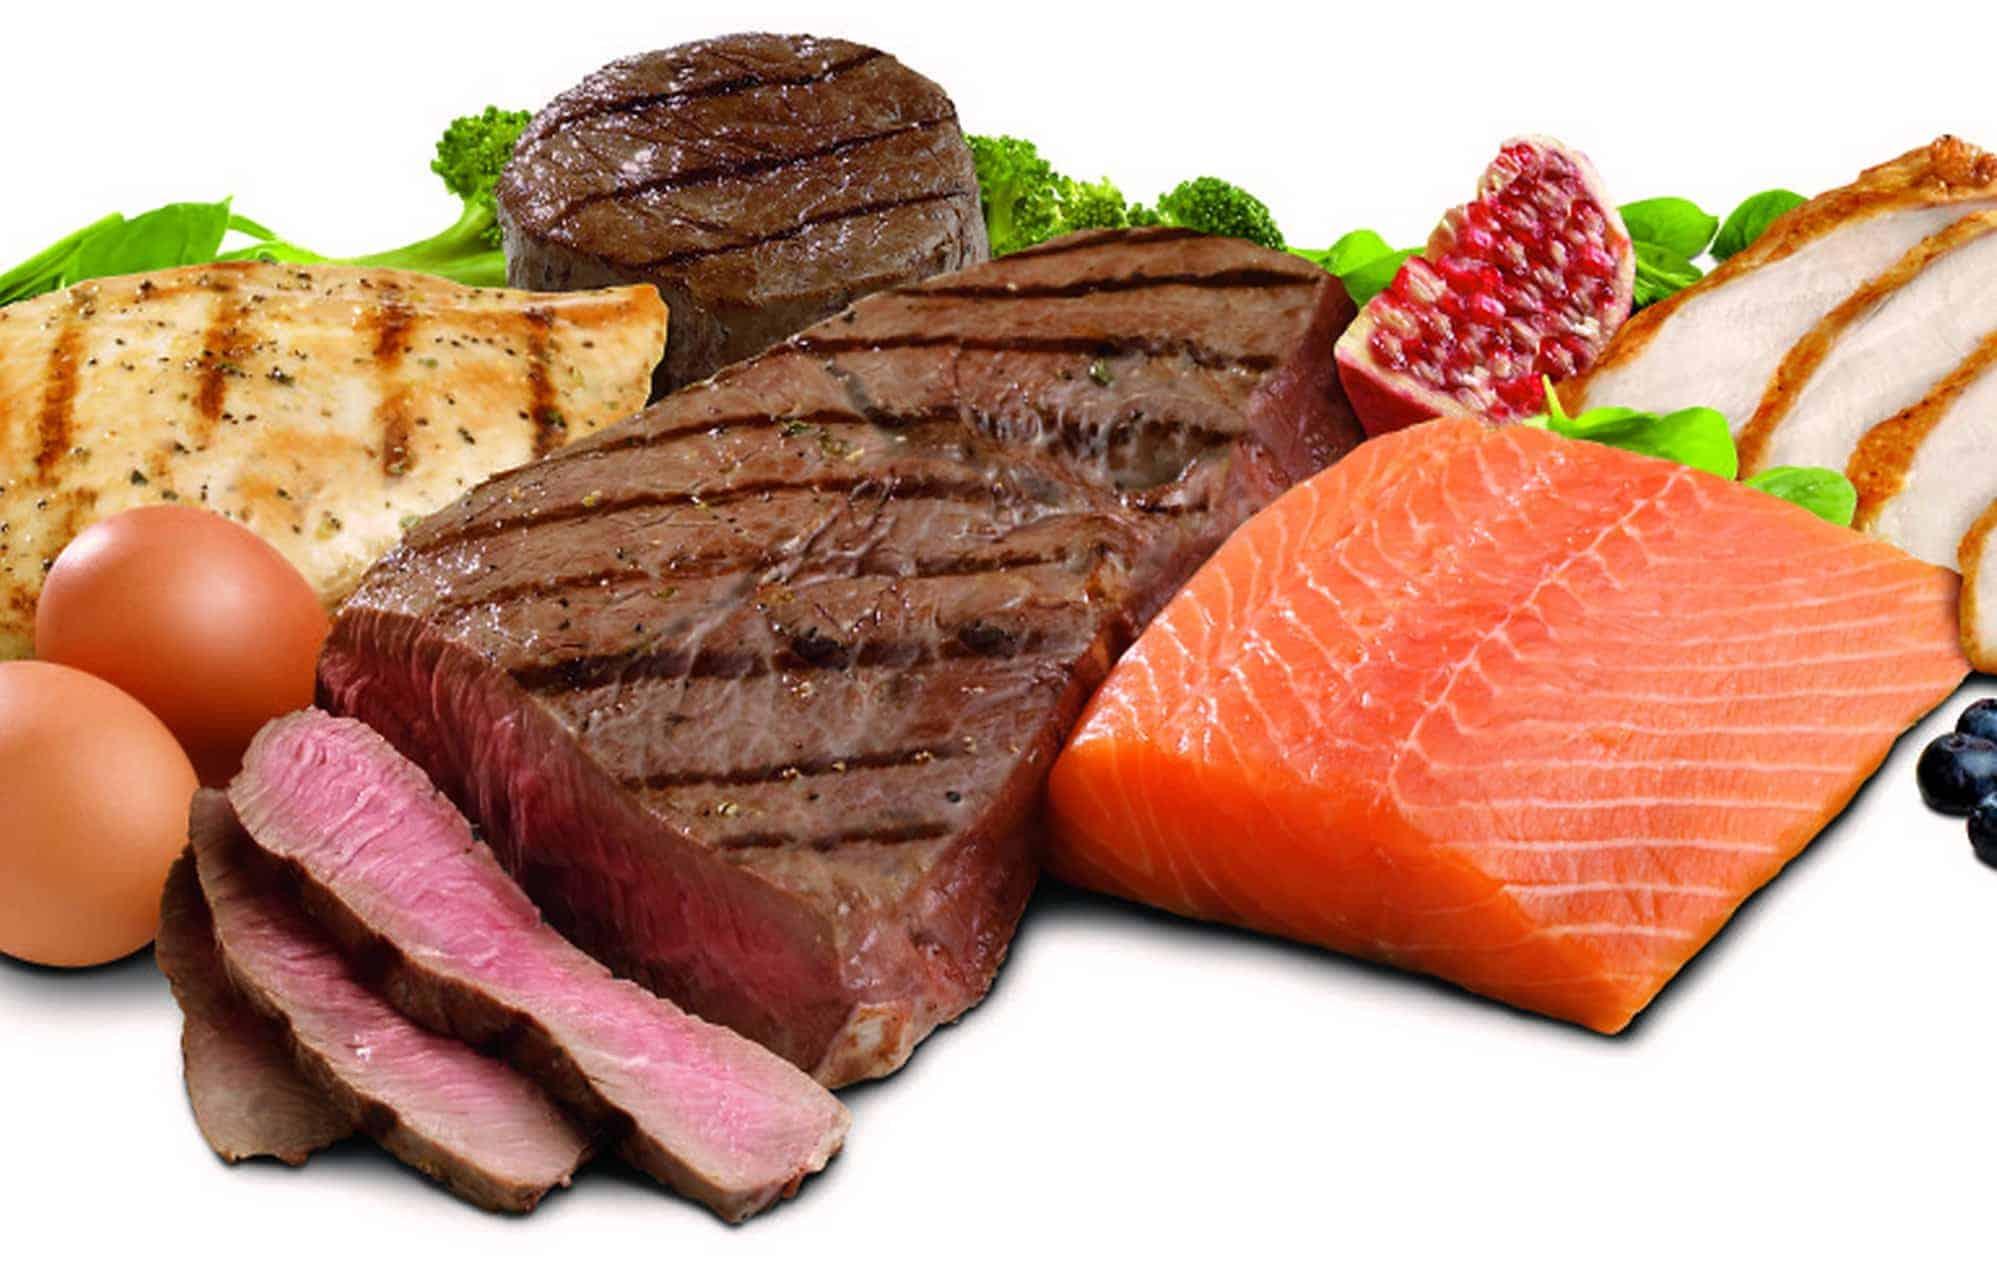 Errori alimentari: sfatiamo alcuni miti